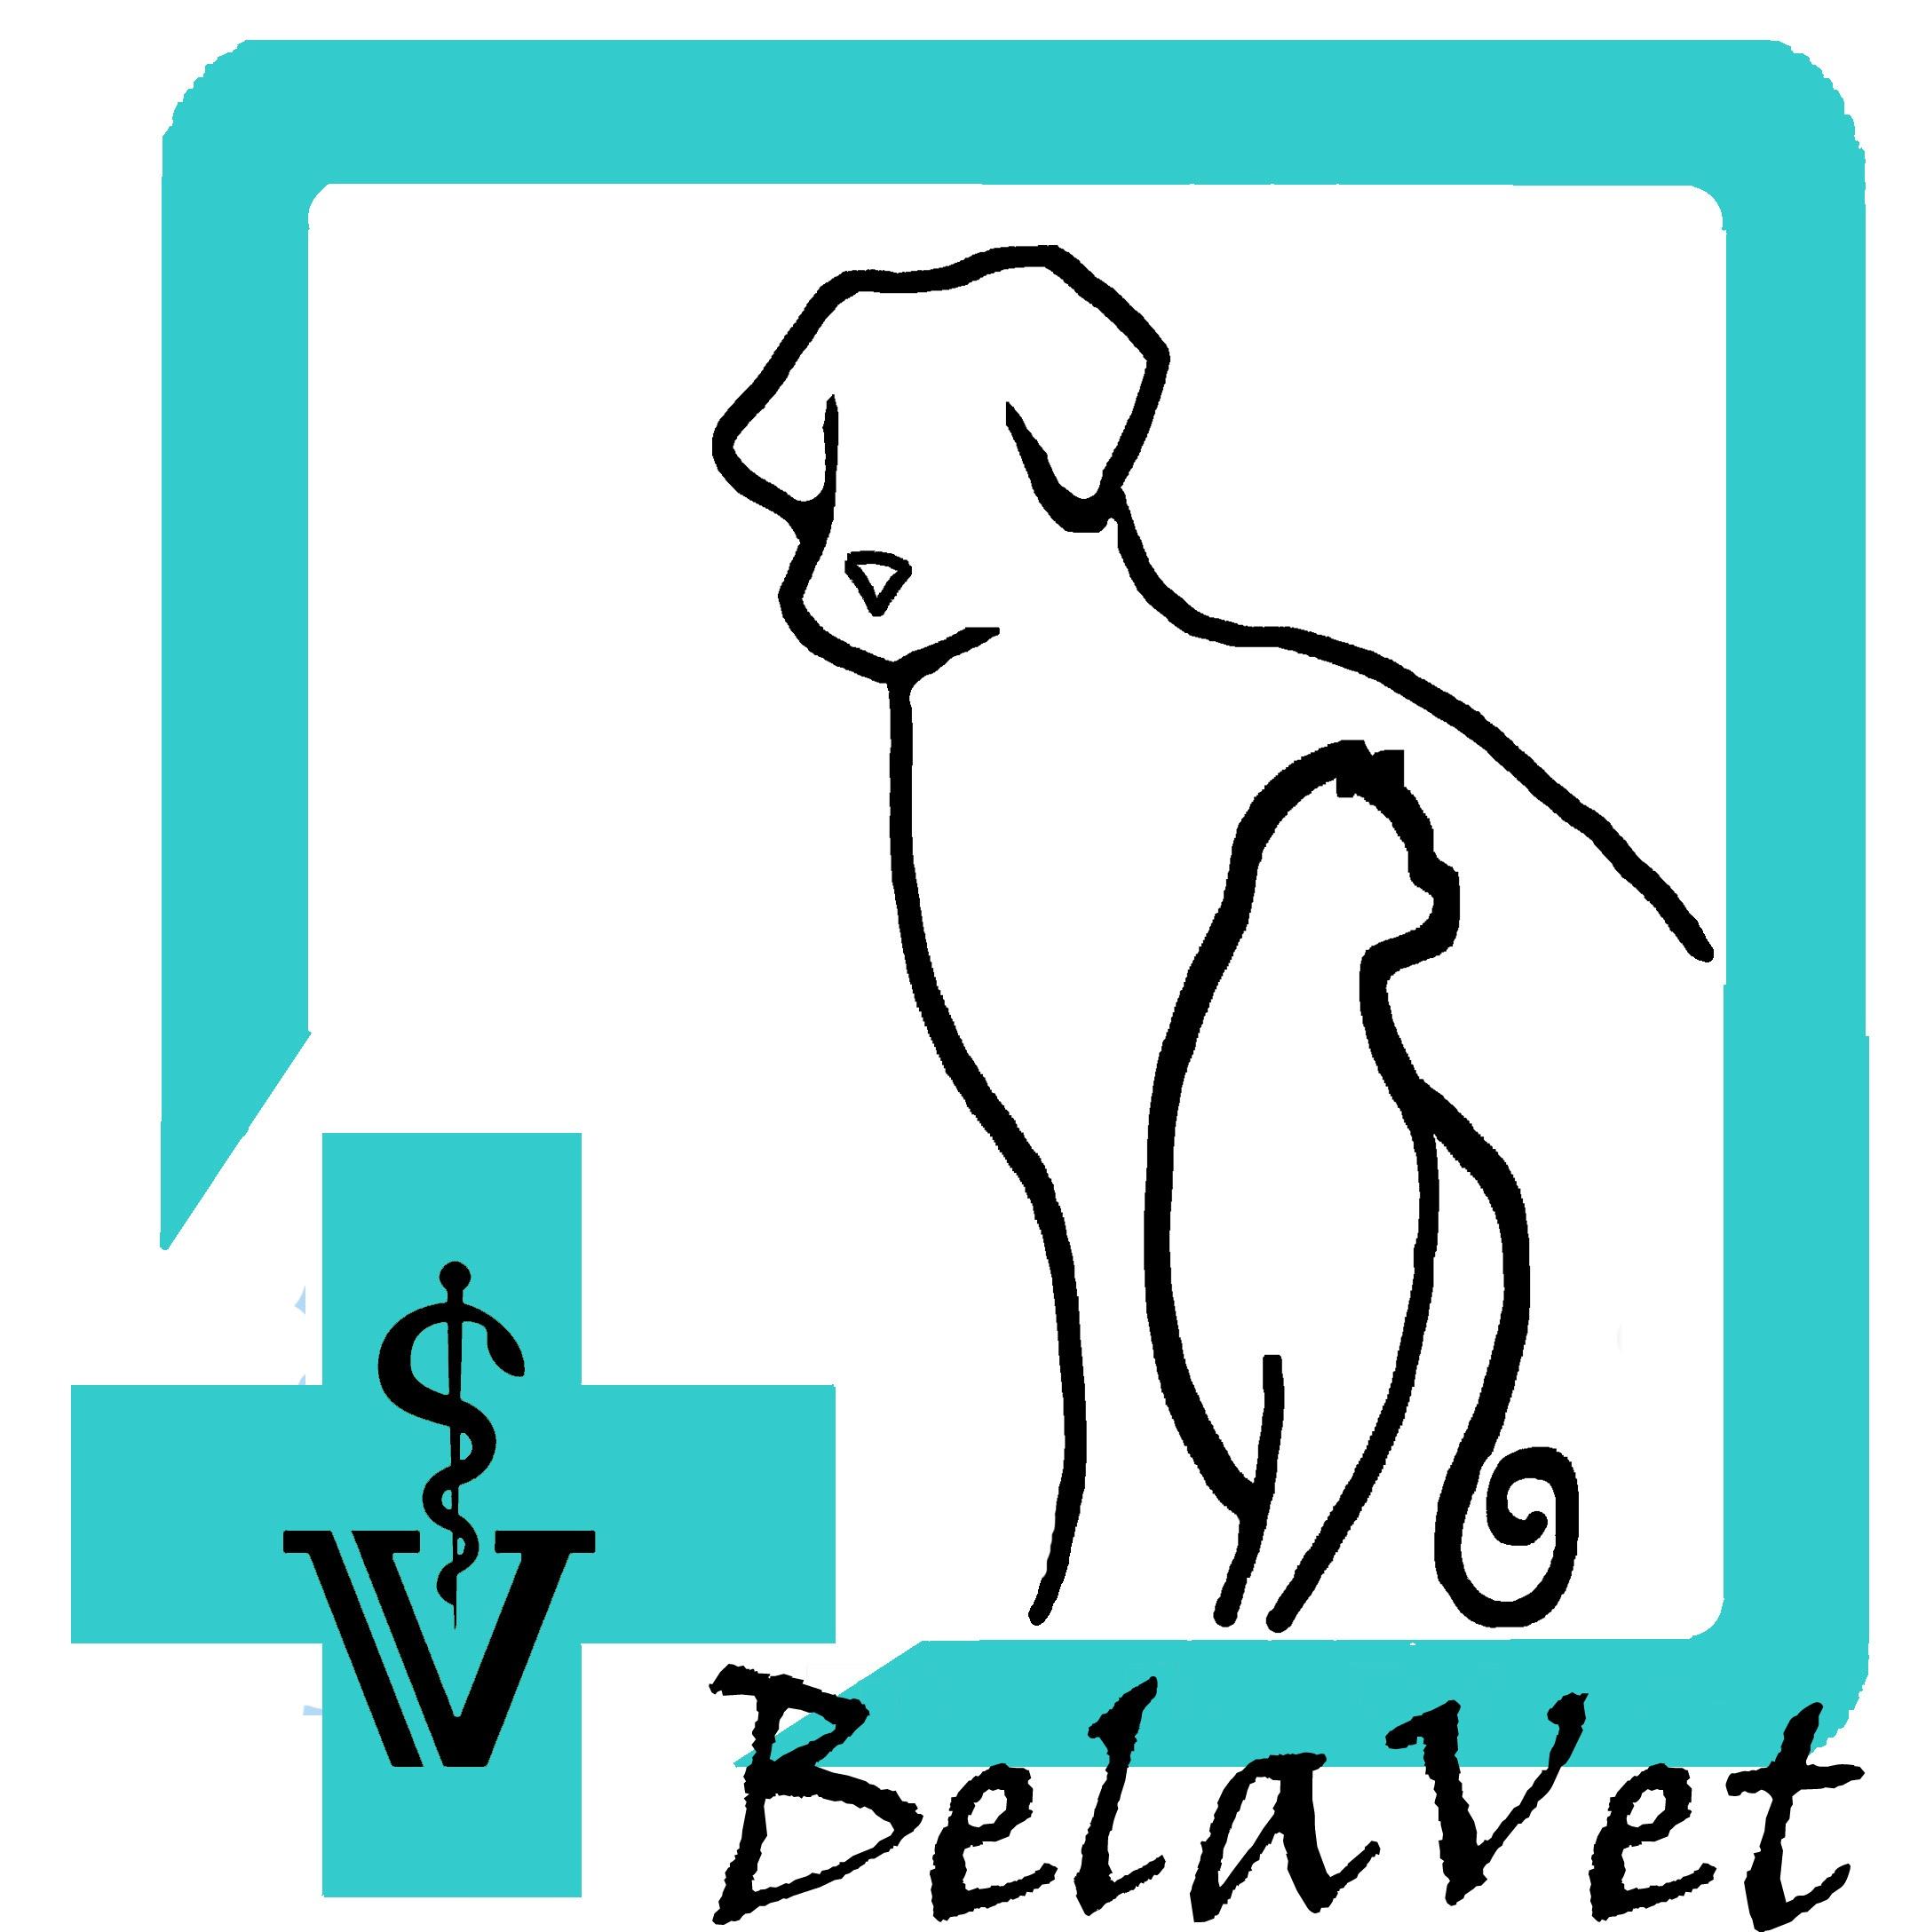 Belavet - veterinárna ambulancia v Košiciach